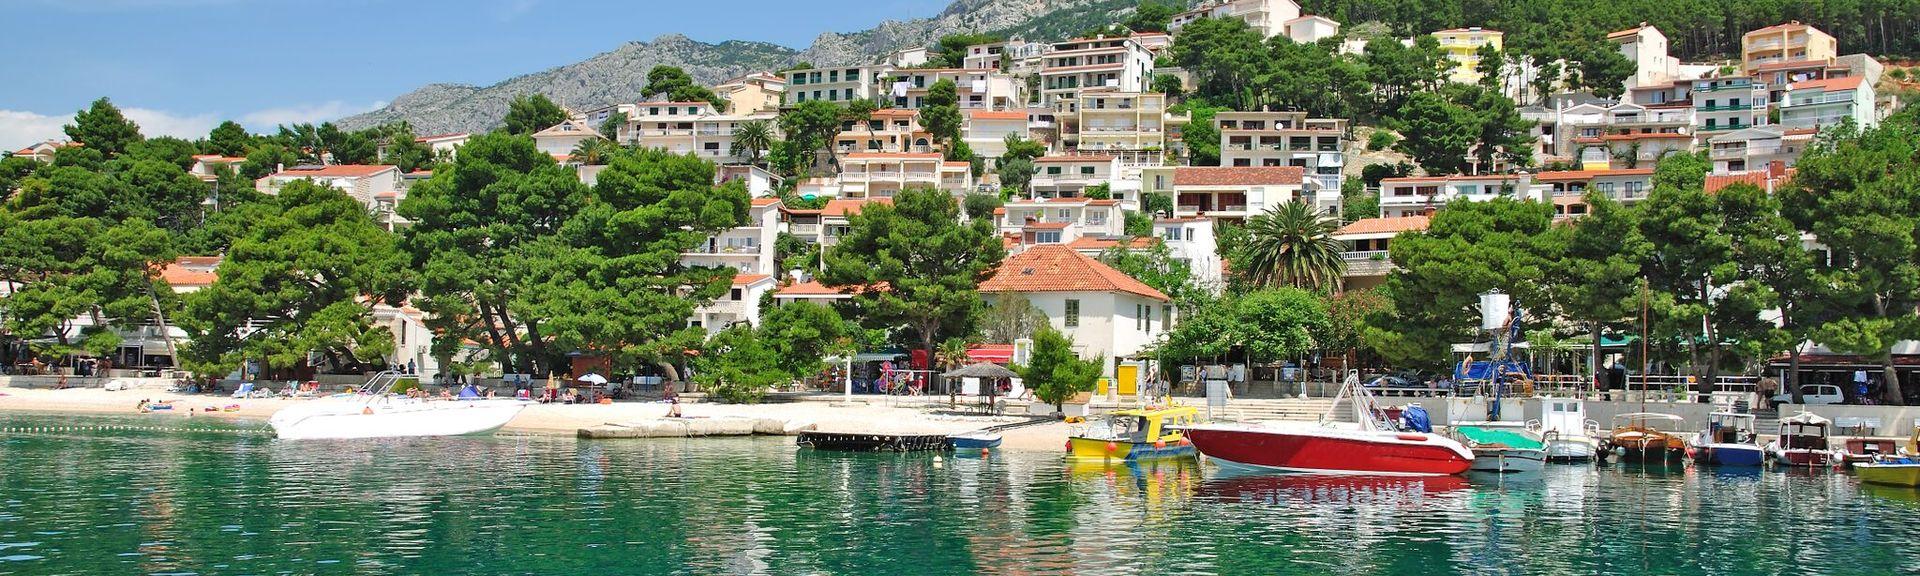 Brela, Split-Dalmatiens län, Kroatien